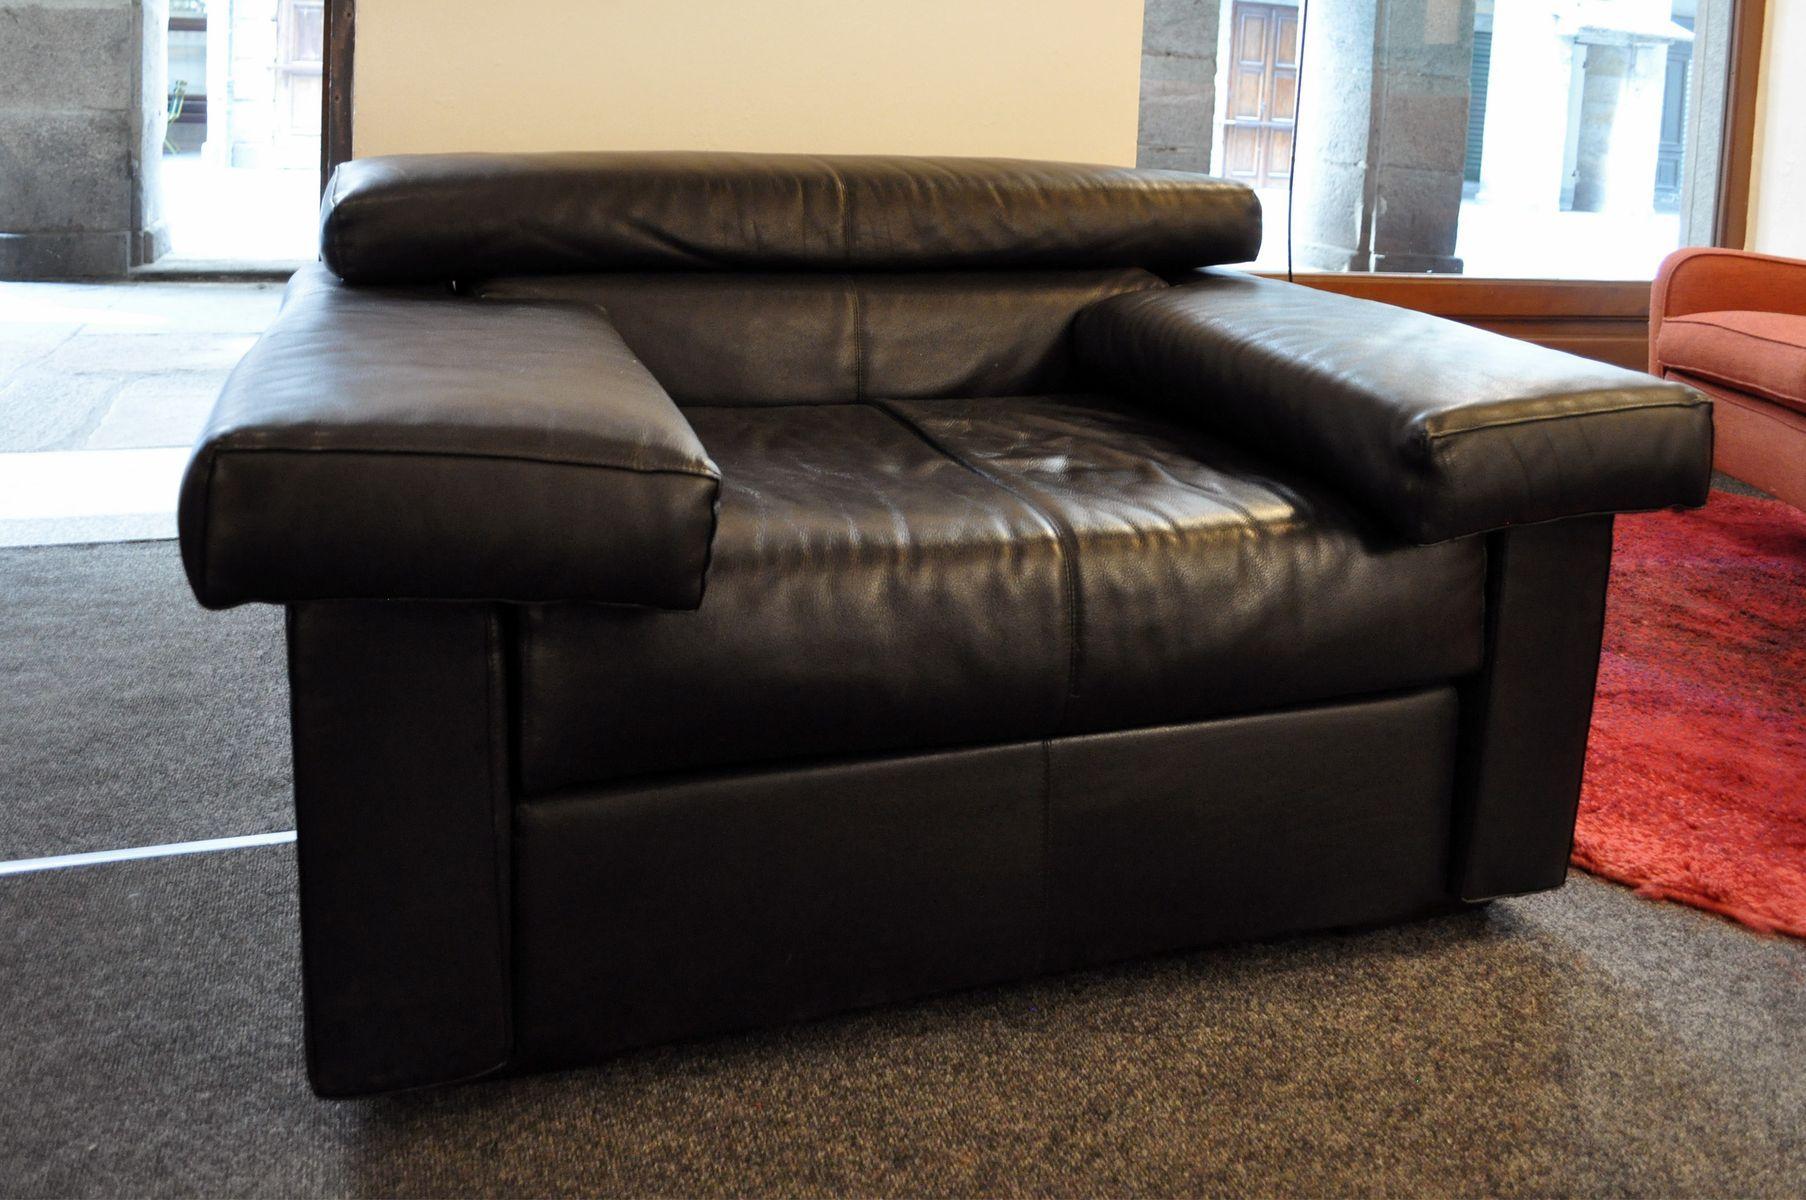 Gemütliche Sessel Design Stressless Sessel Billig Kaufen